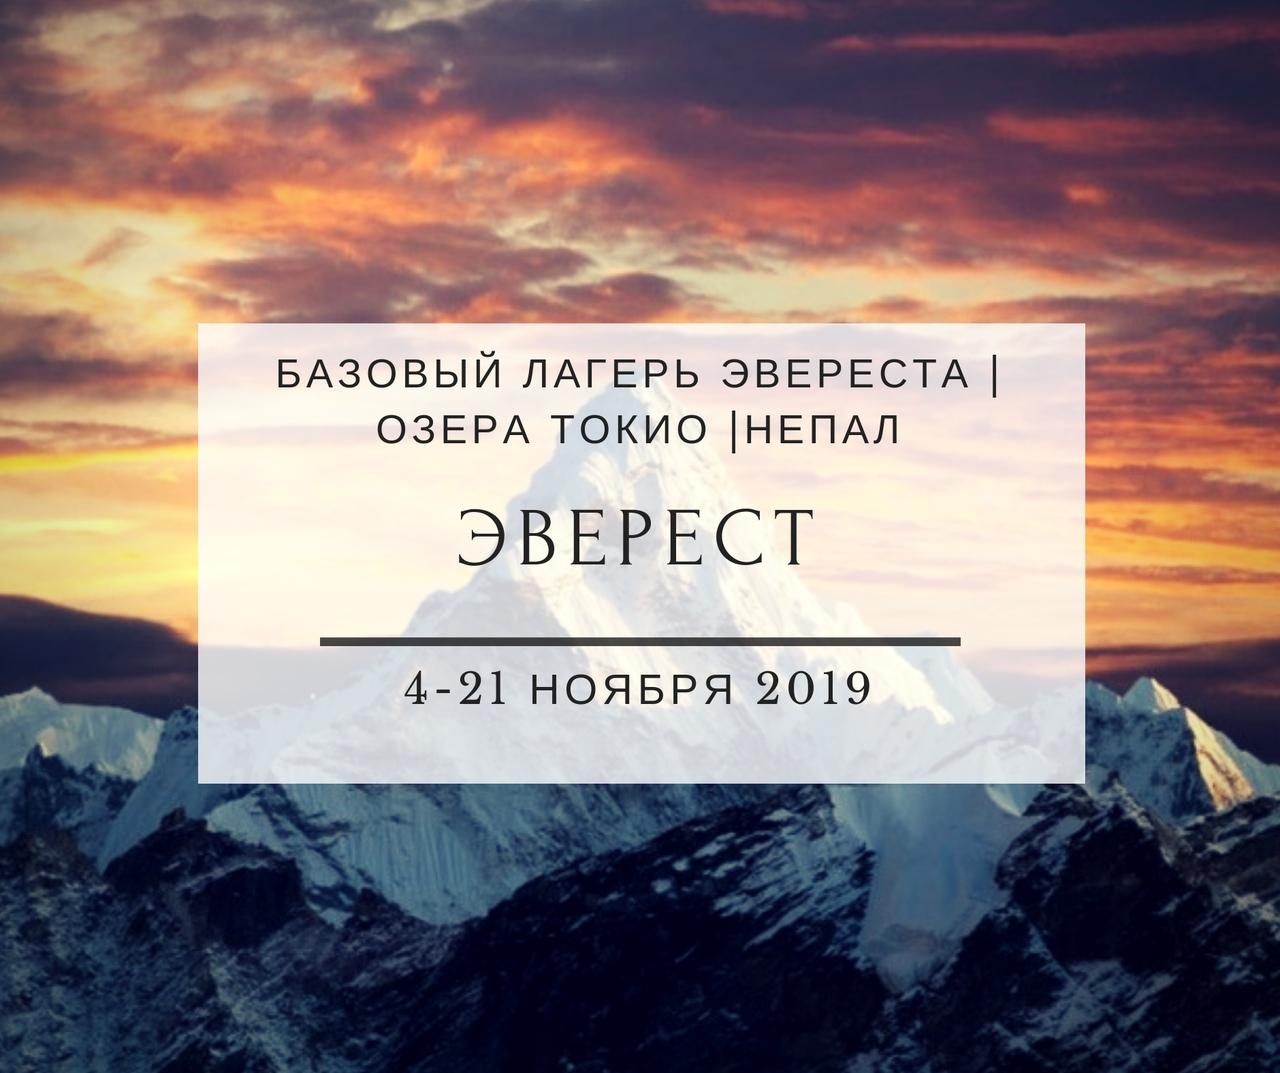 Афиша Тюмень ЭВЕРЕСТ. ПОХОД К БАЗОВОМУ ЛАГЕРЮ. 4 - 21 НОЯБРЯ